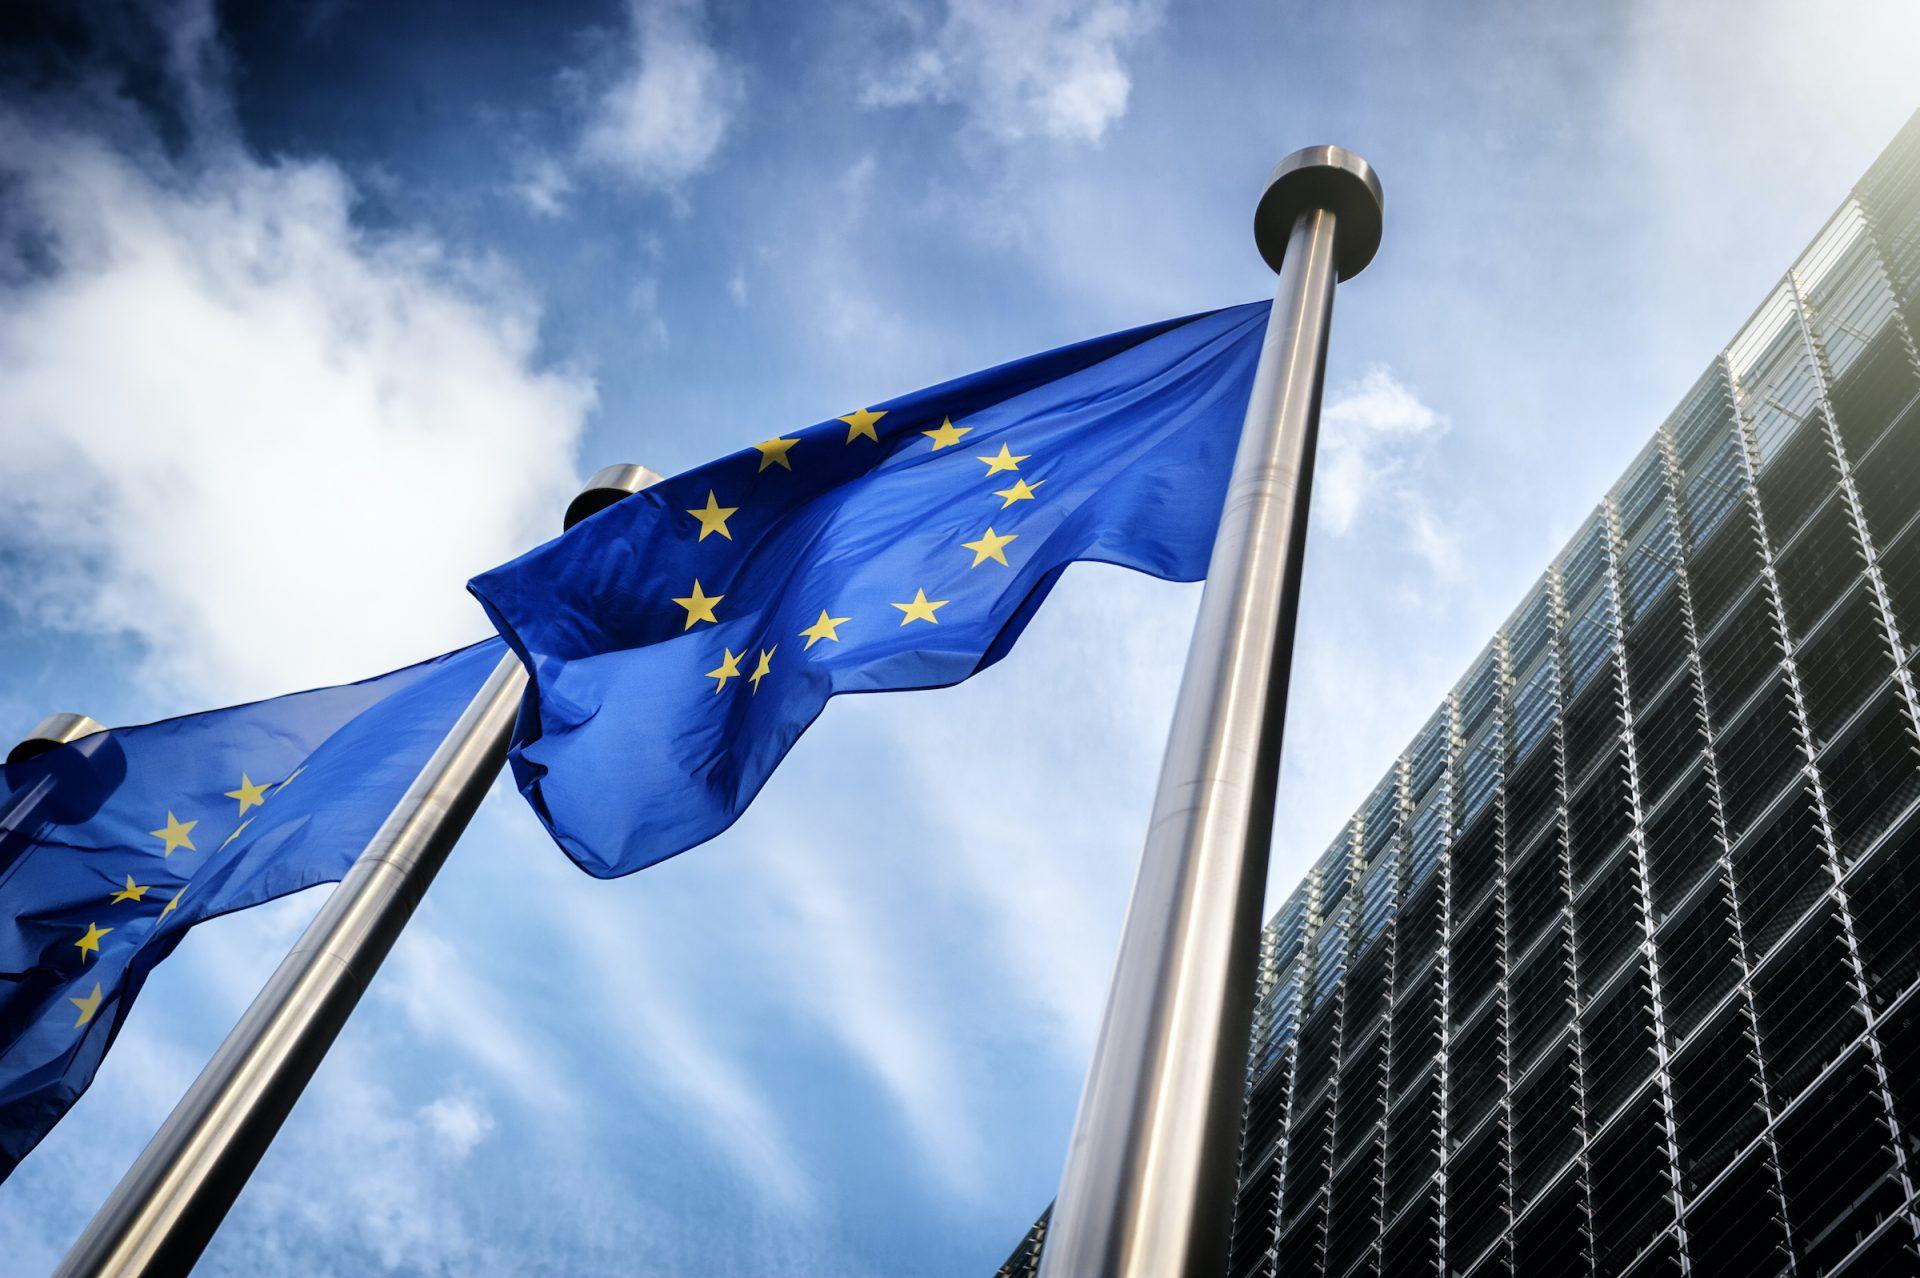 """Opoziția din Belarus solicită UE să elimine """"lacunele"""" sancțiunilor: """"Jumătățile de măsură doar vor dăuna"""""""